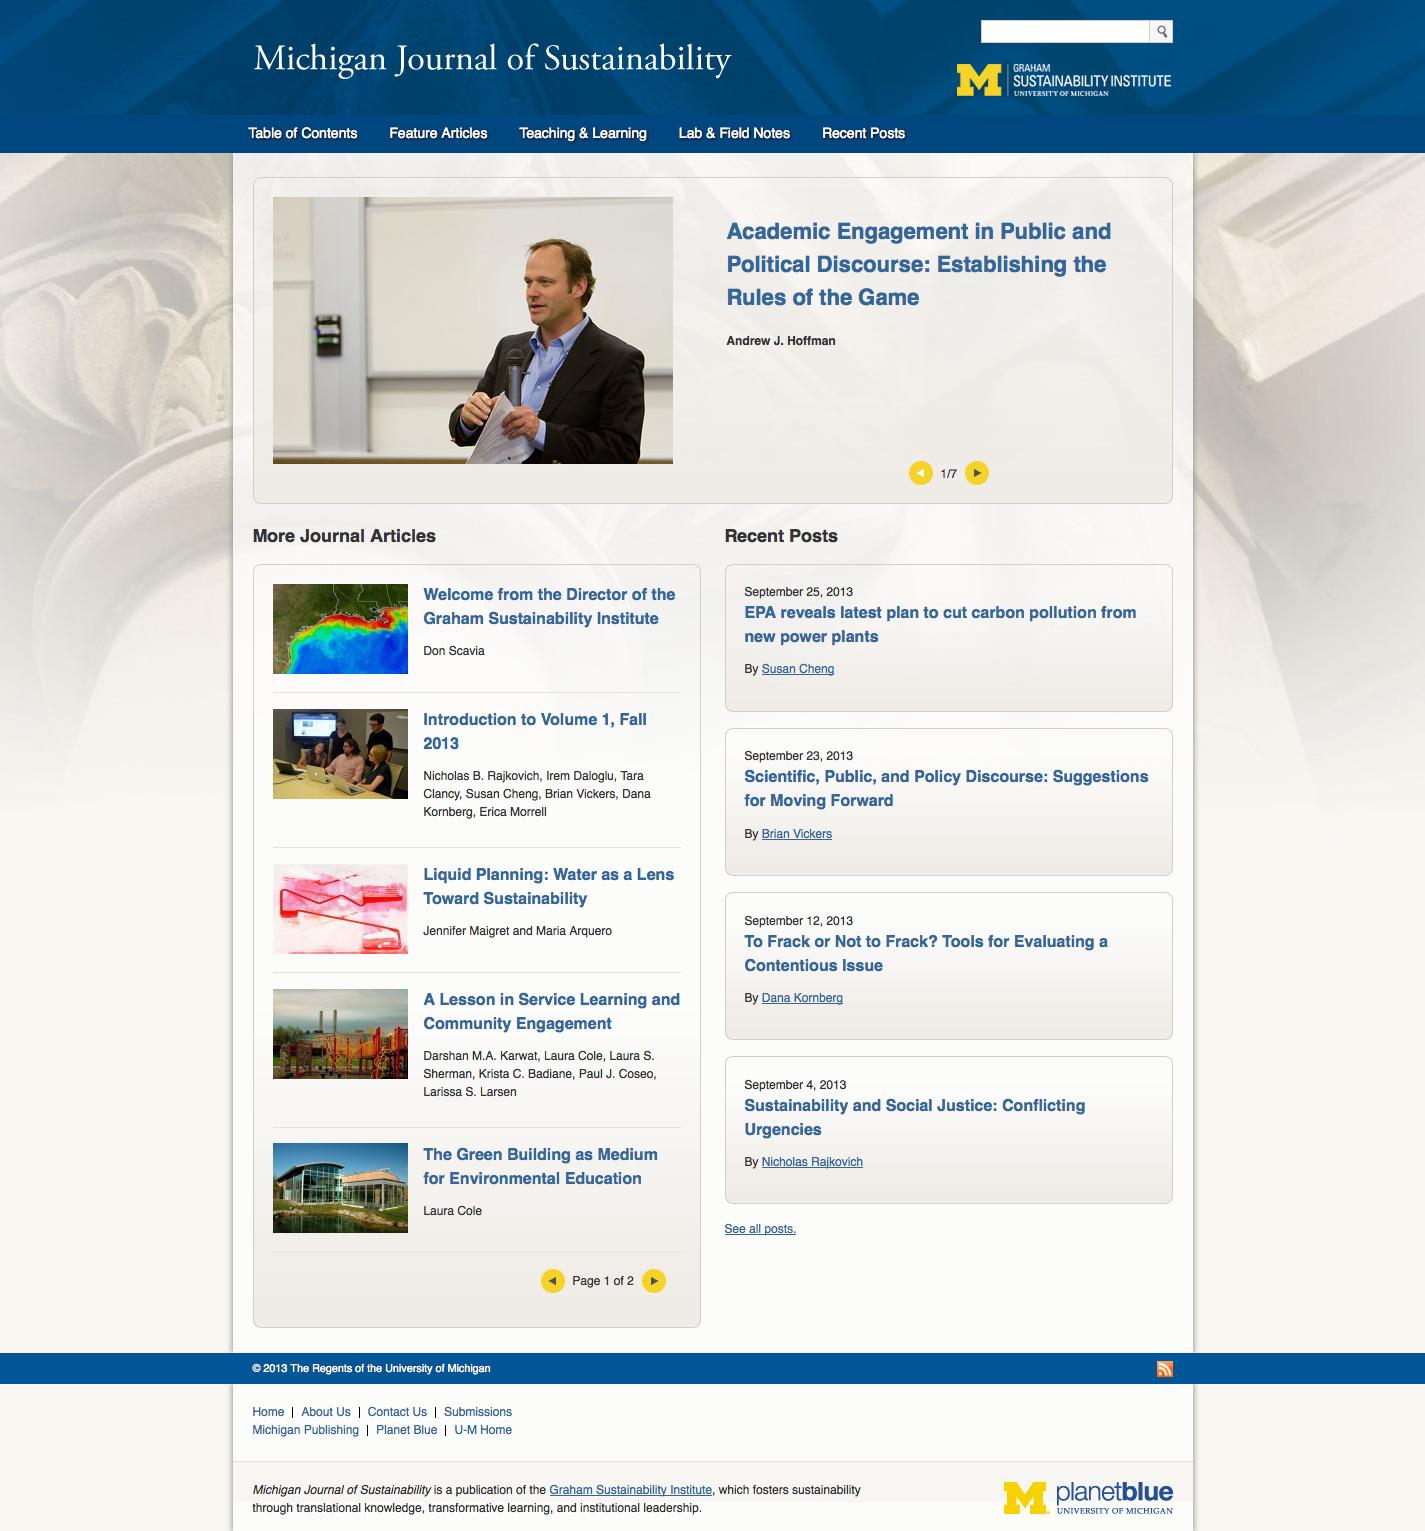 Screenshot of Michigan Journal of Sustainability website.